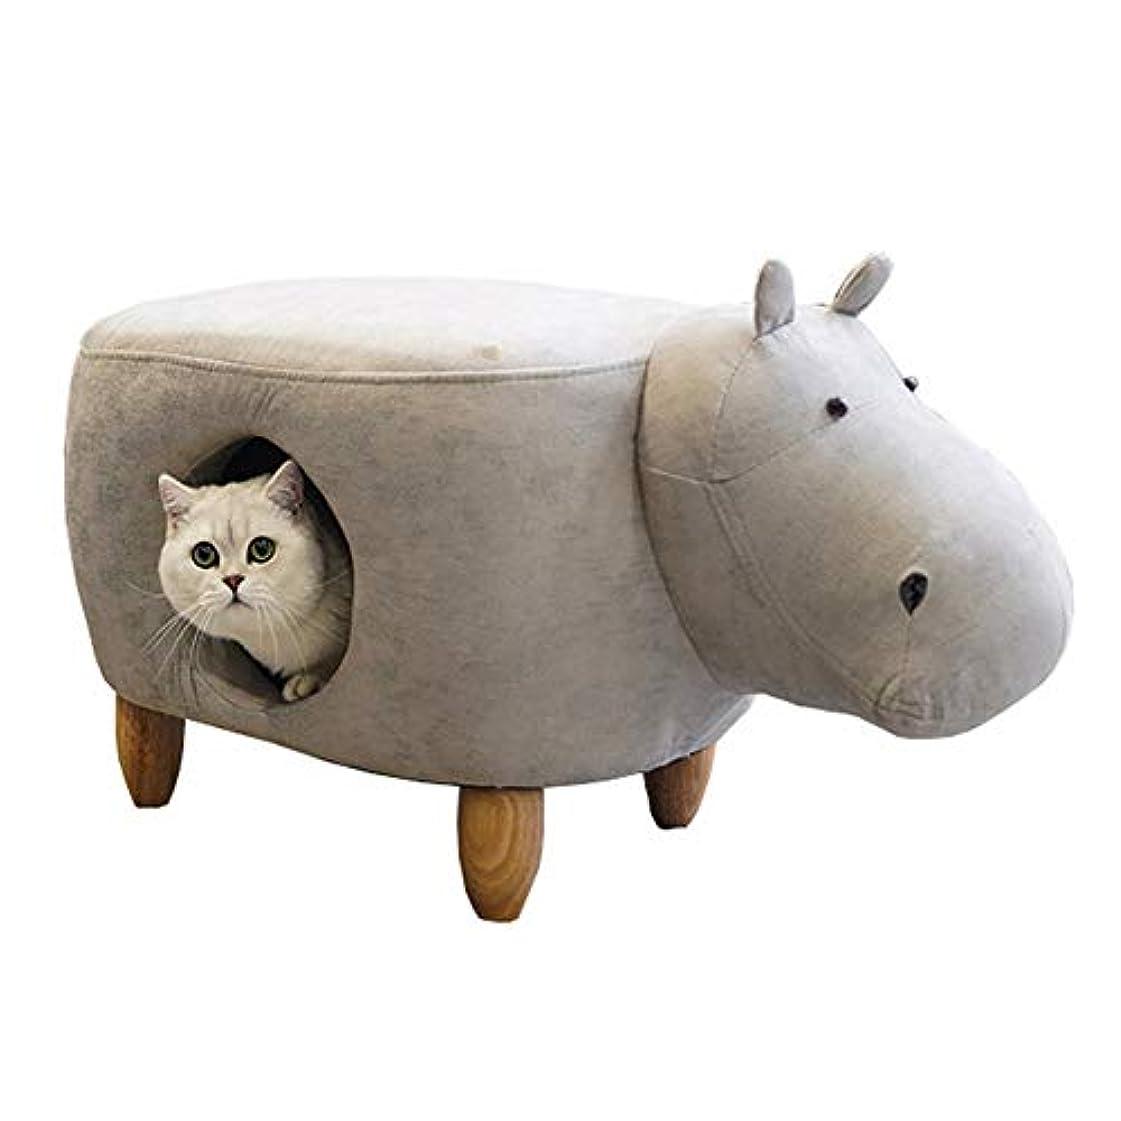 アナロジー凍結秘密のペットスツールベッド-半密閉型のカバの形の猫の家、無垢材の足首Puレザー収納スツール、頑丈、安定性が高く、厚いパッドで快適さを向上